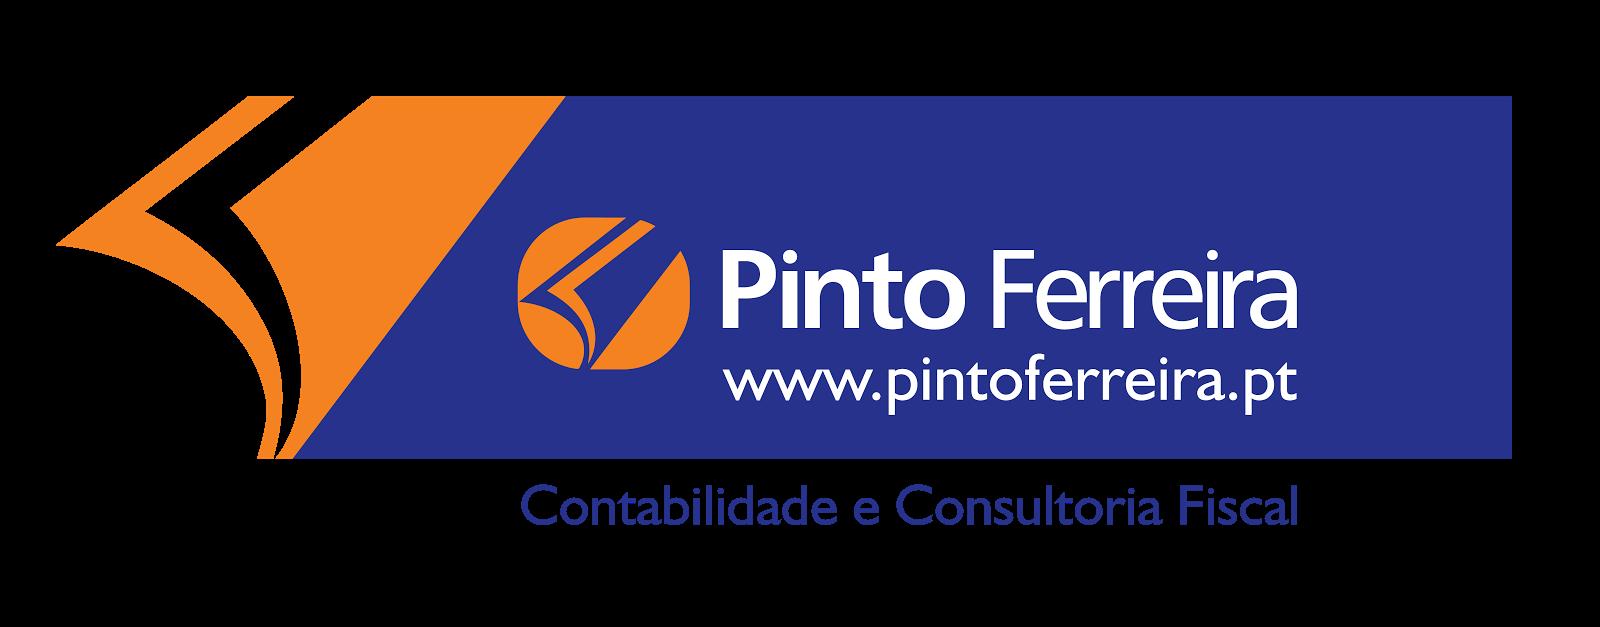 Pinto Ferreira